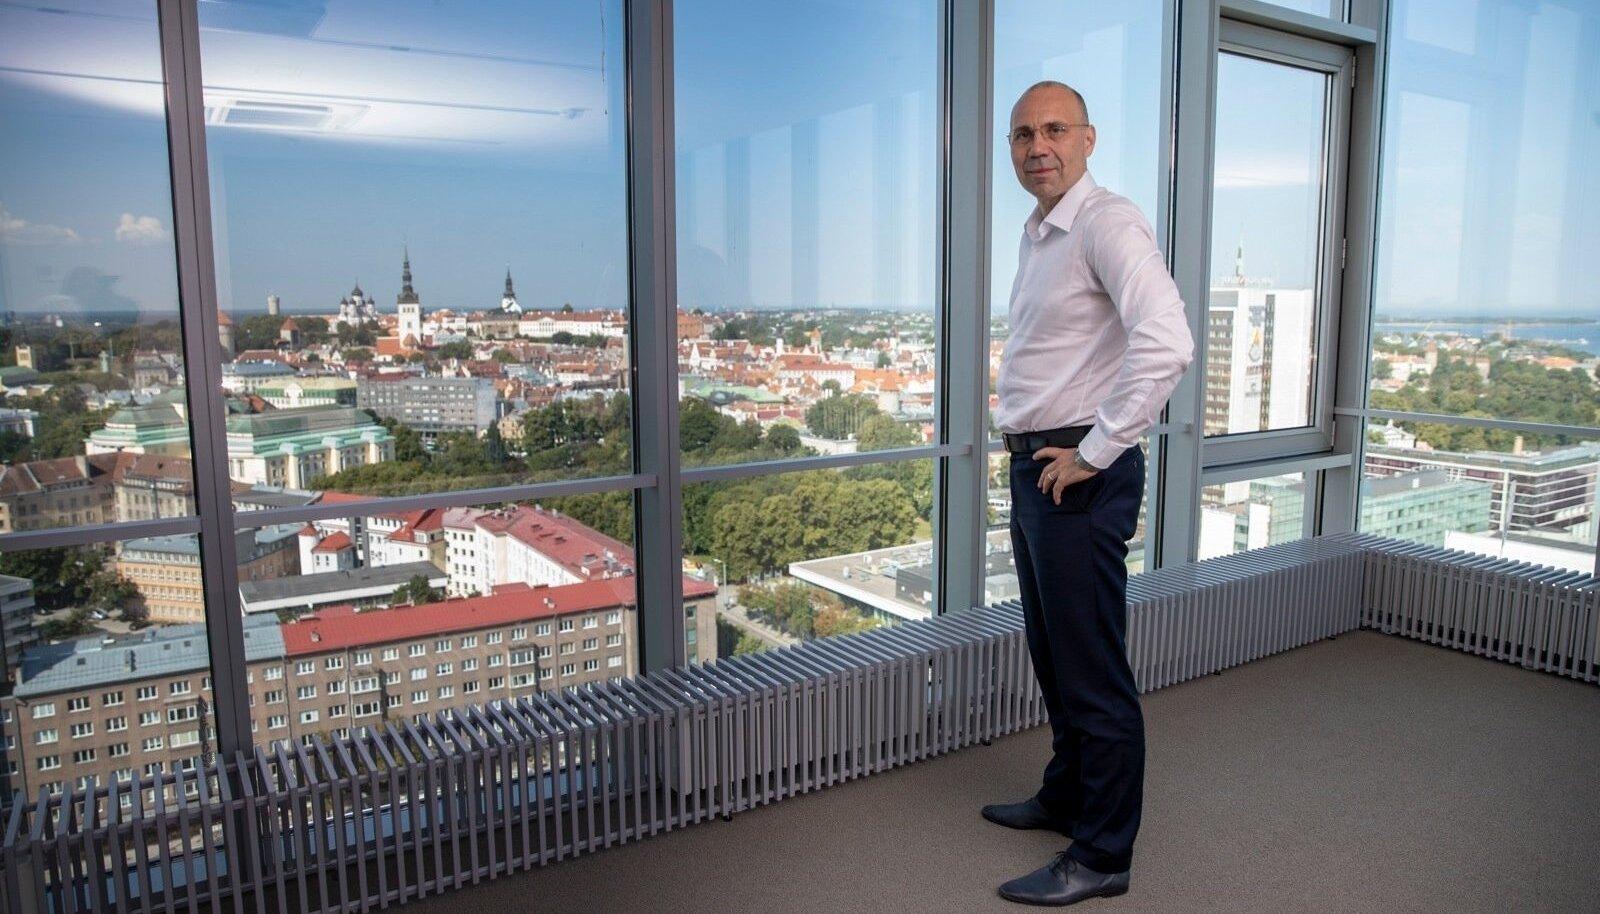 Andres Viisemanni väitel peaks investeerimine olema eelkõige kapitali paigutamine ettevõttesse, selleks et tegevust laiendada või uusi ideid ellu viia.